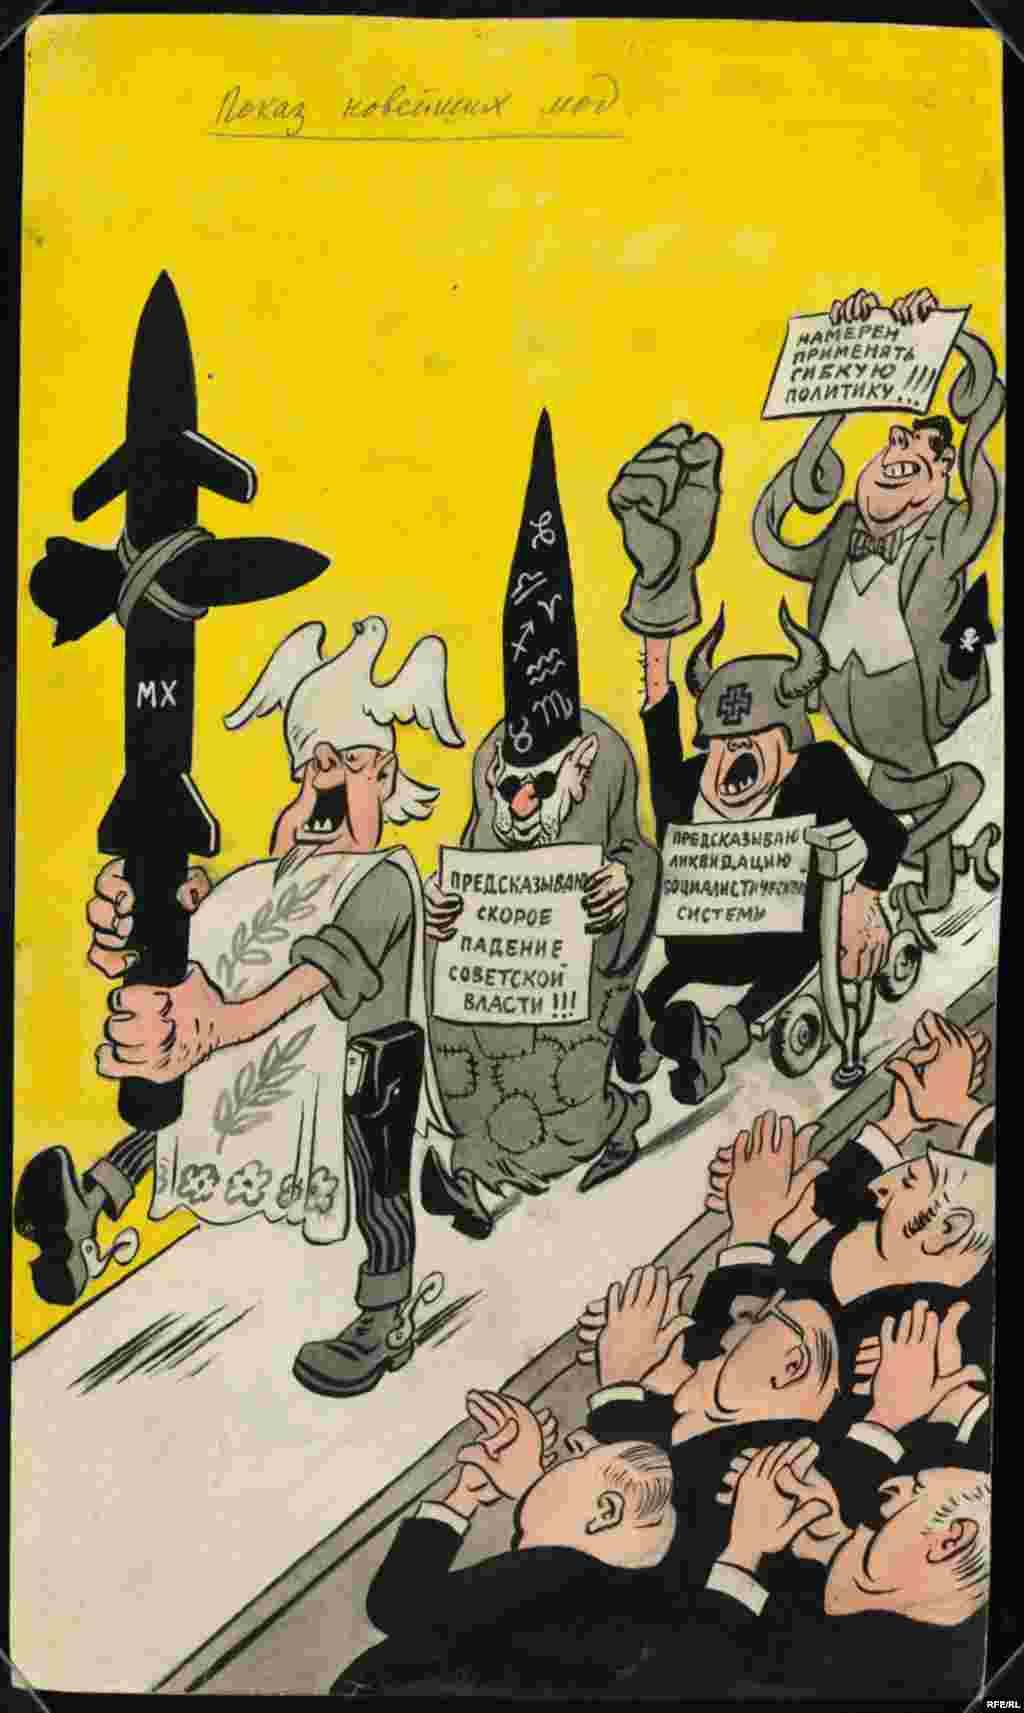 В 1922 году Борис Ефимов переехал и рисовал в жанре политической сатиры для «Рабочей газеты», «Крокодила», «Правды», «Известий», «Огонька», «Прожектора» и многих других изданий. В 1932 году ему было присвоено звание «Заслуженный деятель искусств РСФСР»